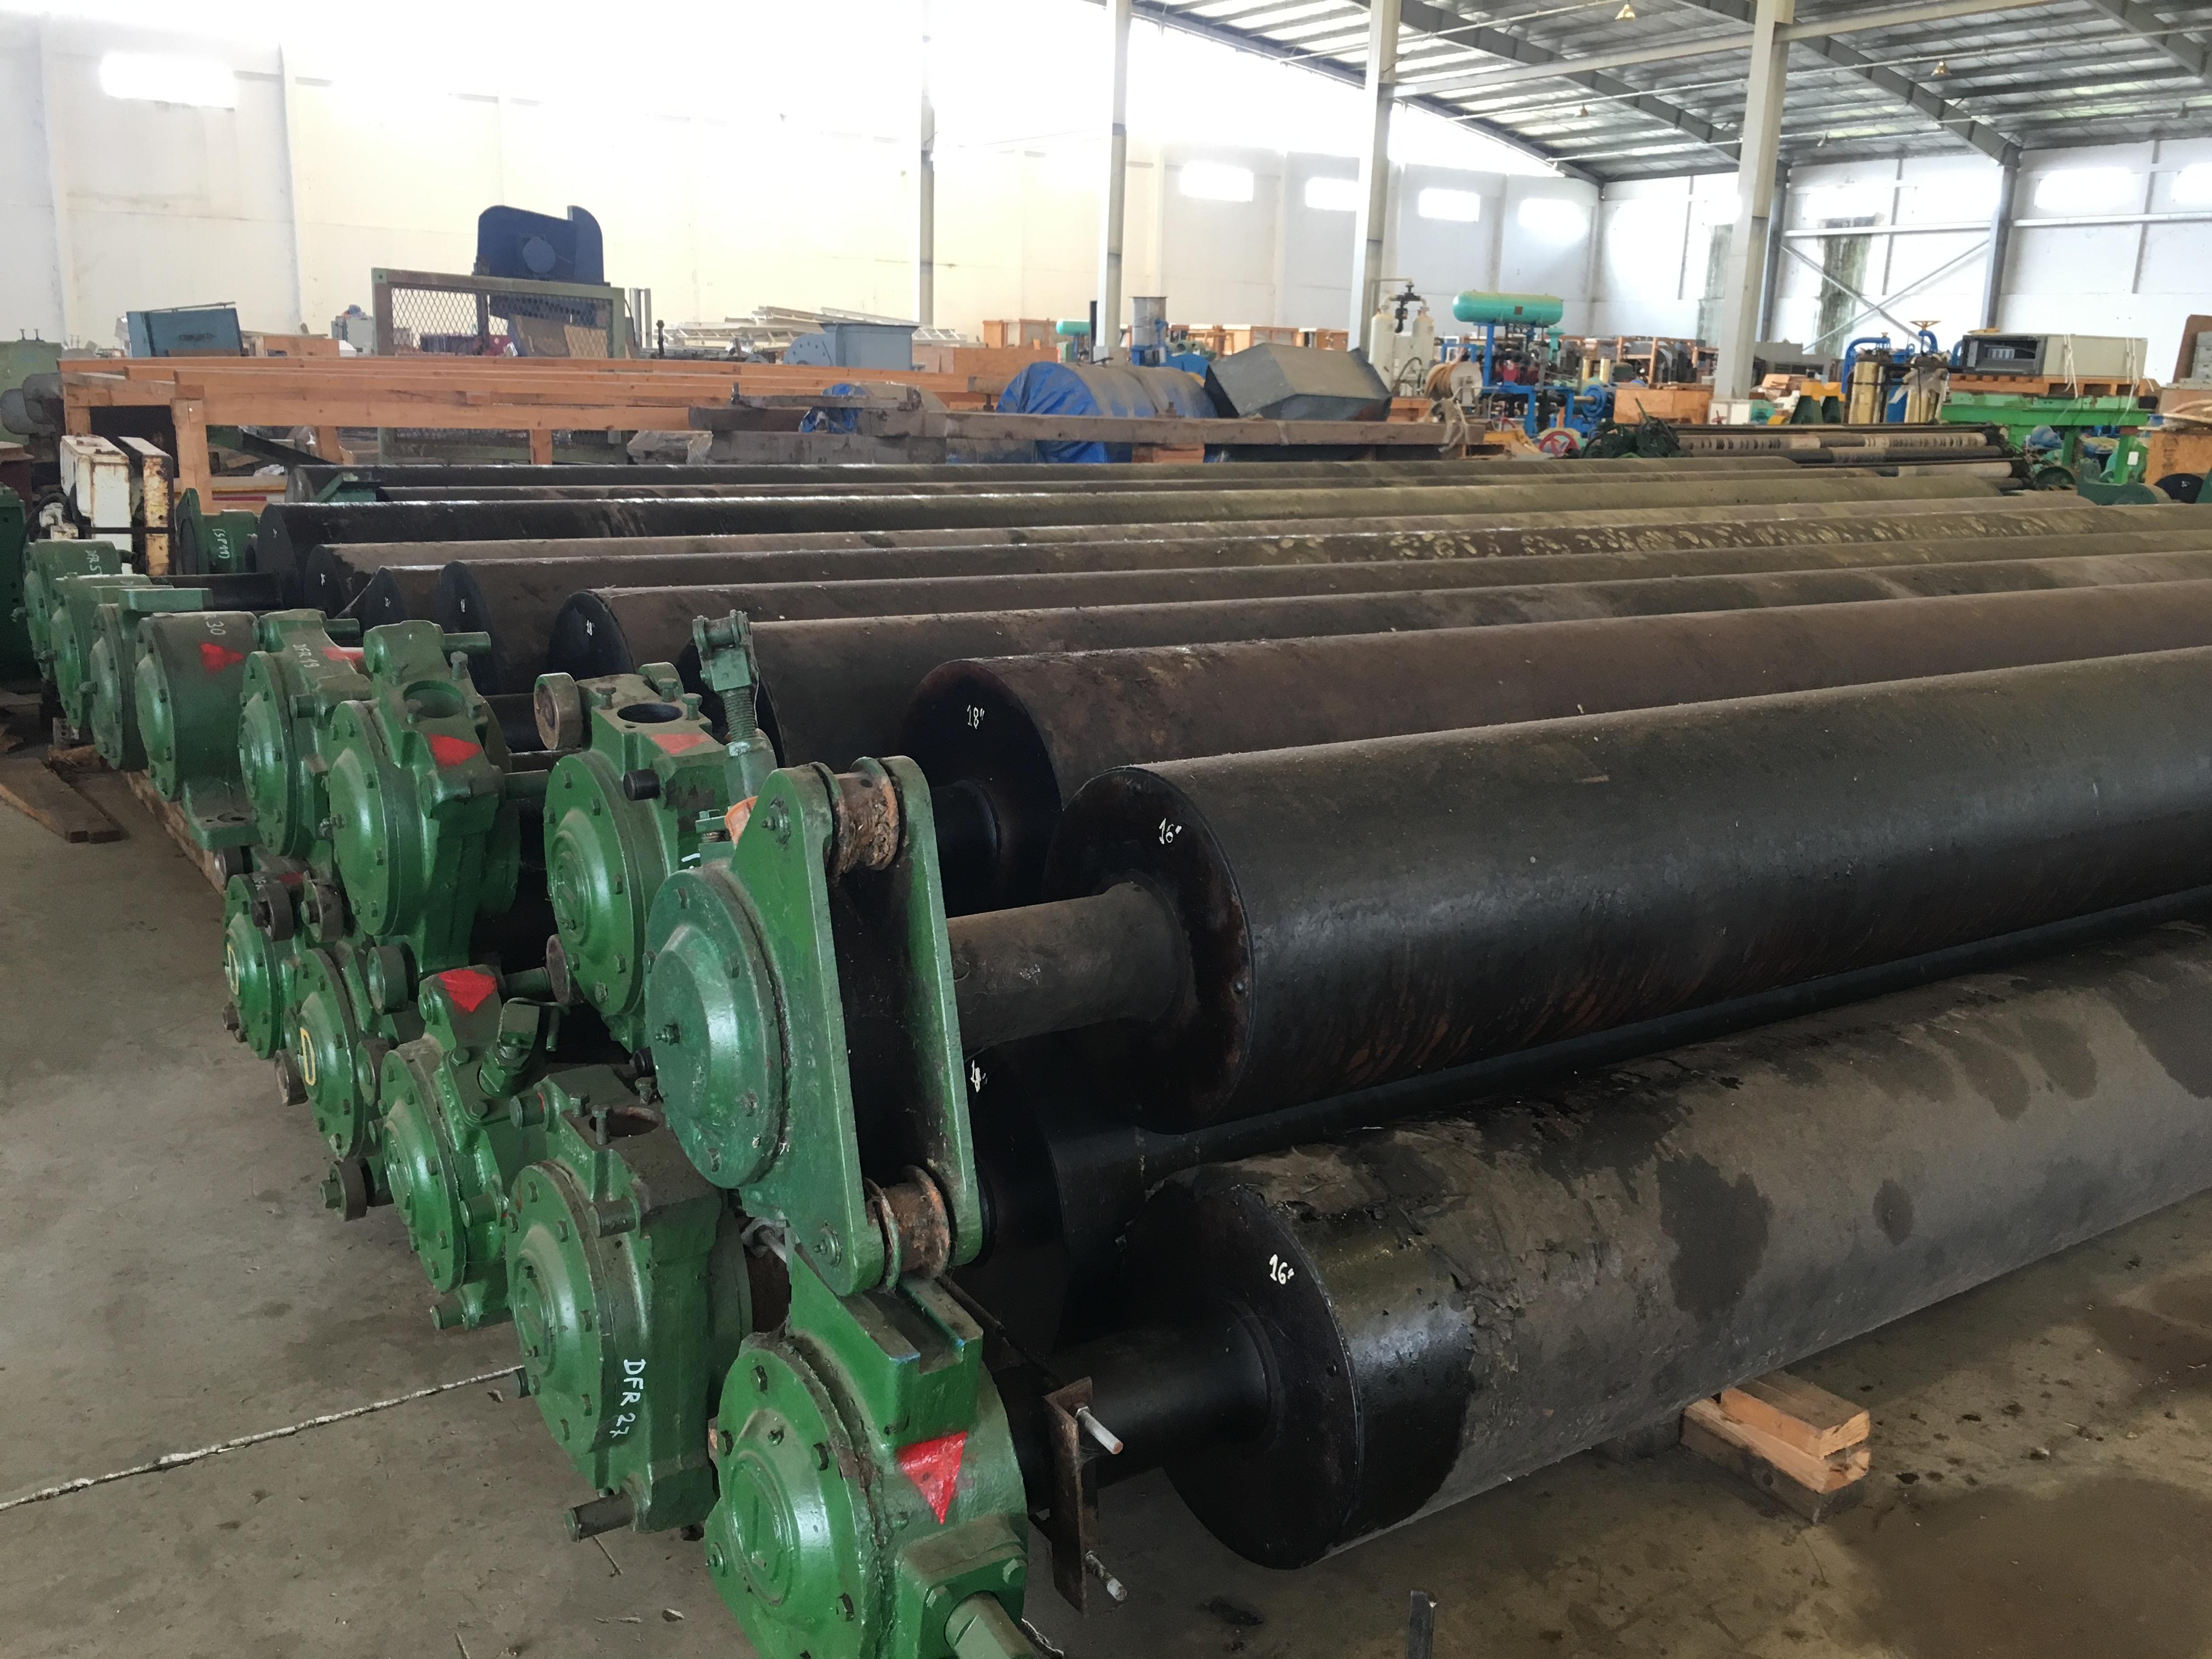 Sau nhà máy tại Quảng Ngãi bị khai tử, Tân Mai đầu tư hàng loạt dự án khác